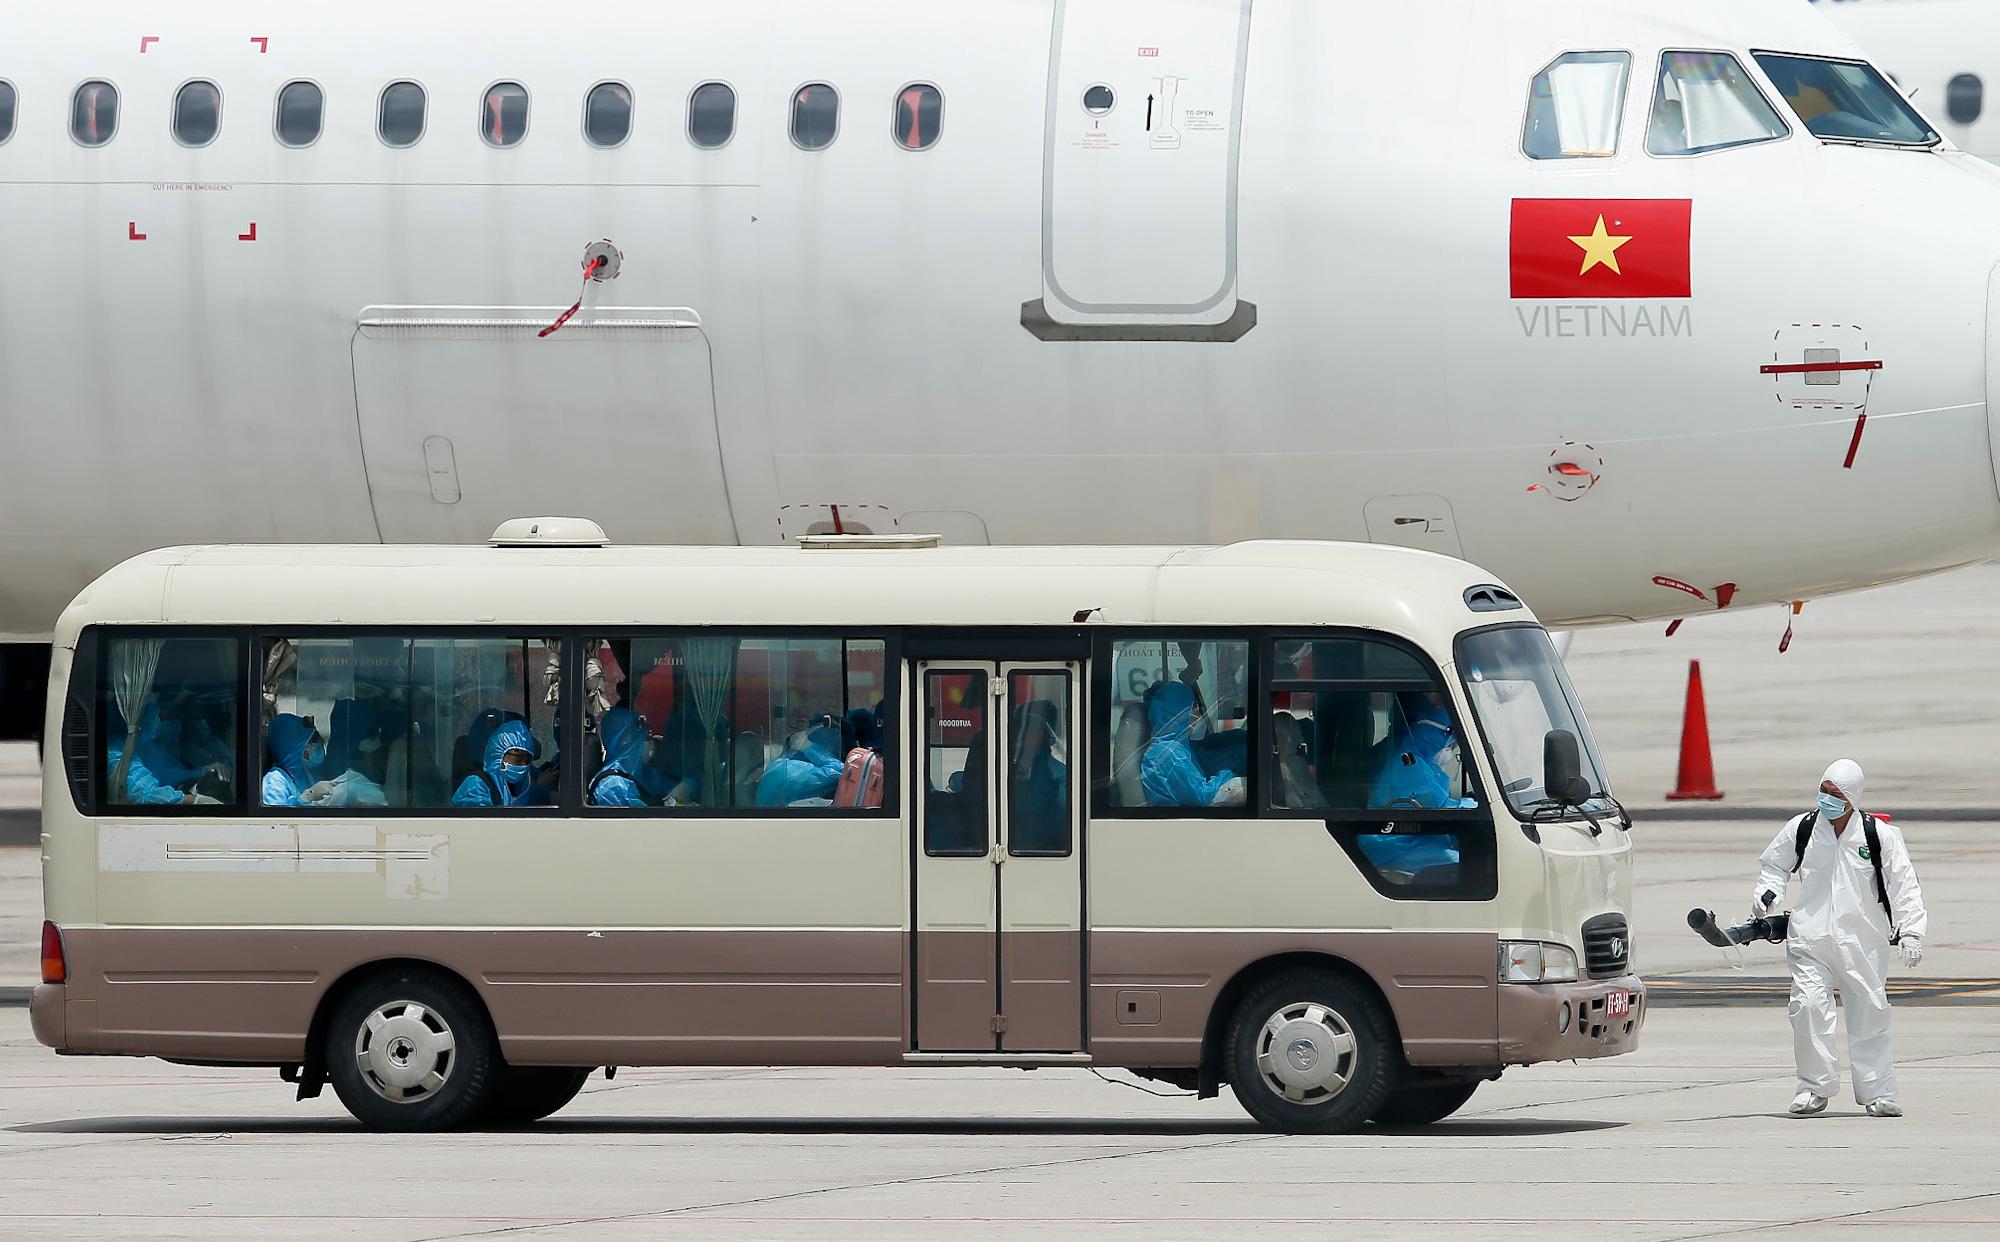 [ẢNH] Chuyến bay đầu tiên đưa 207 người mắc kẹt ở tâm dịch Đà Nẵng về tới Hà Nội